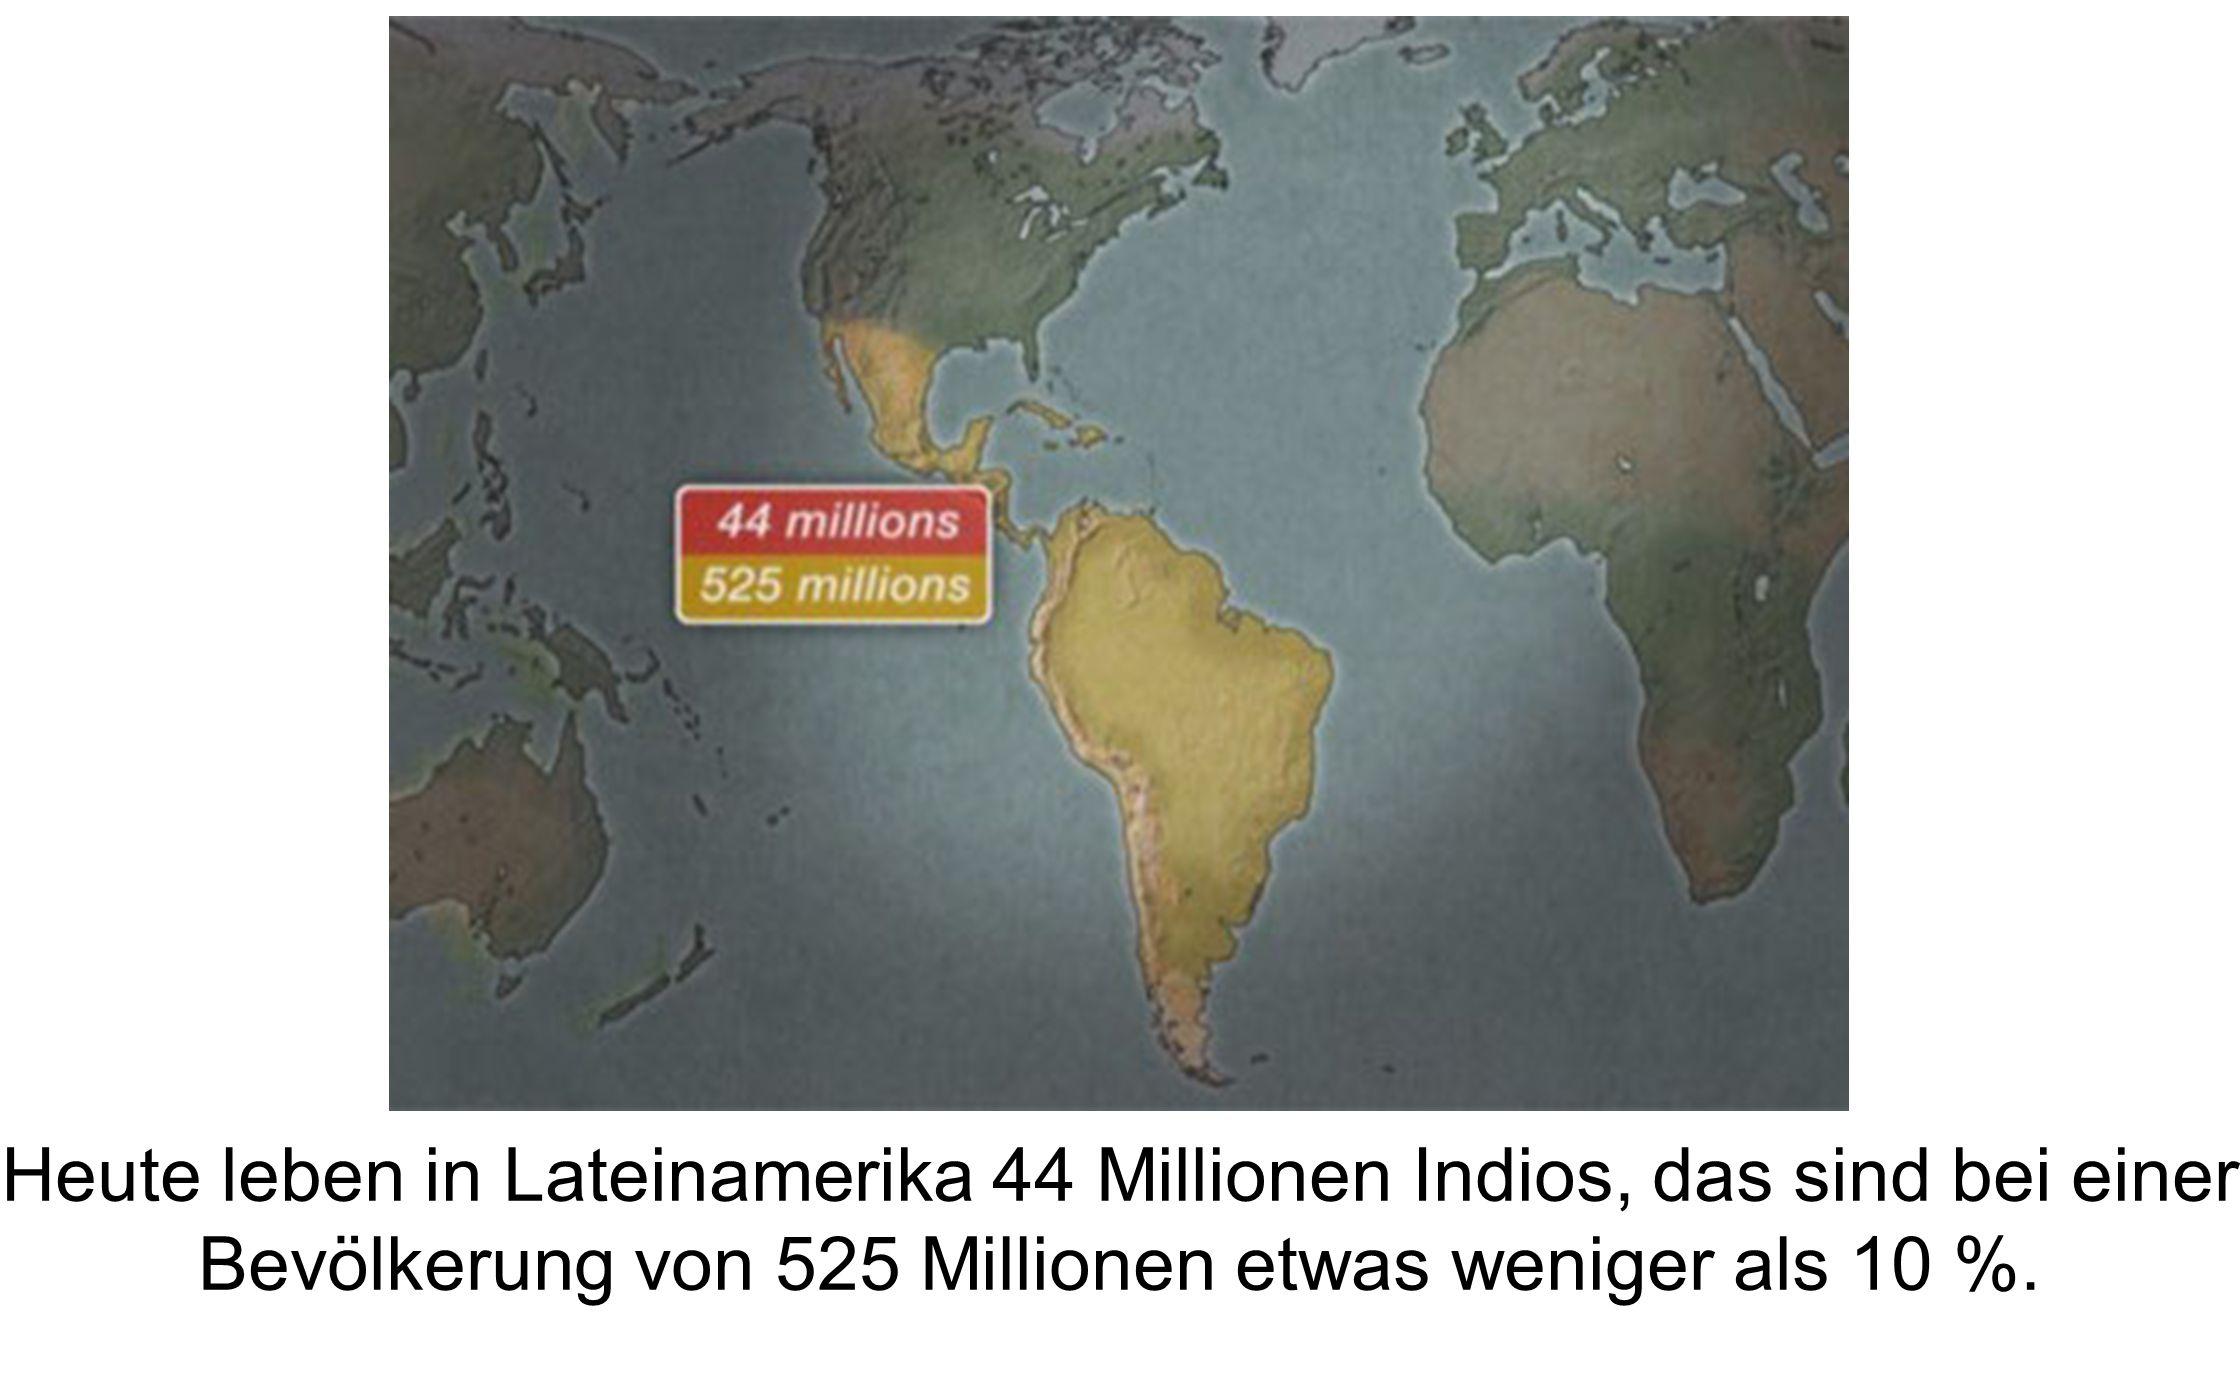 Heute leben in Lateinamerika 44 Millionen Indios, das sind bei einer Bevölkerung von 525 Millionen etwas weniger als 10 %.